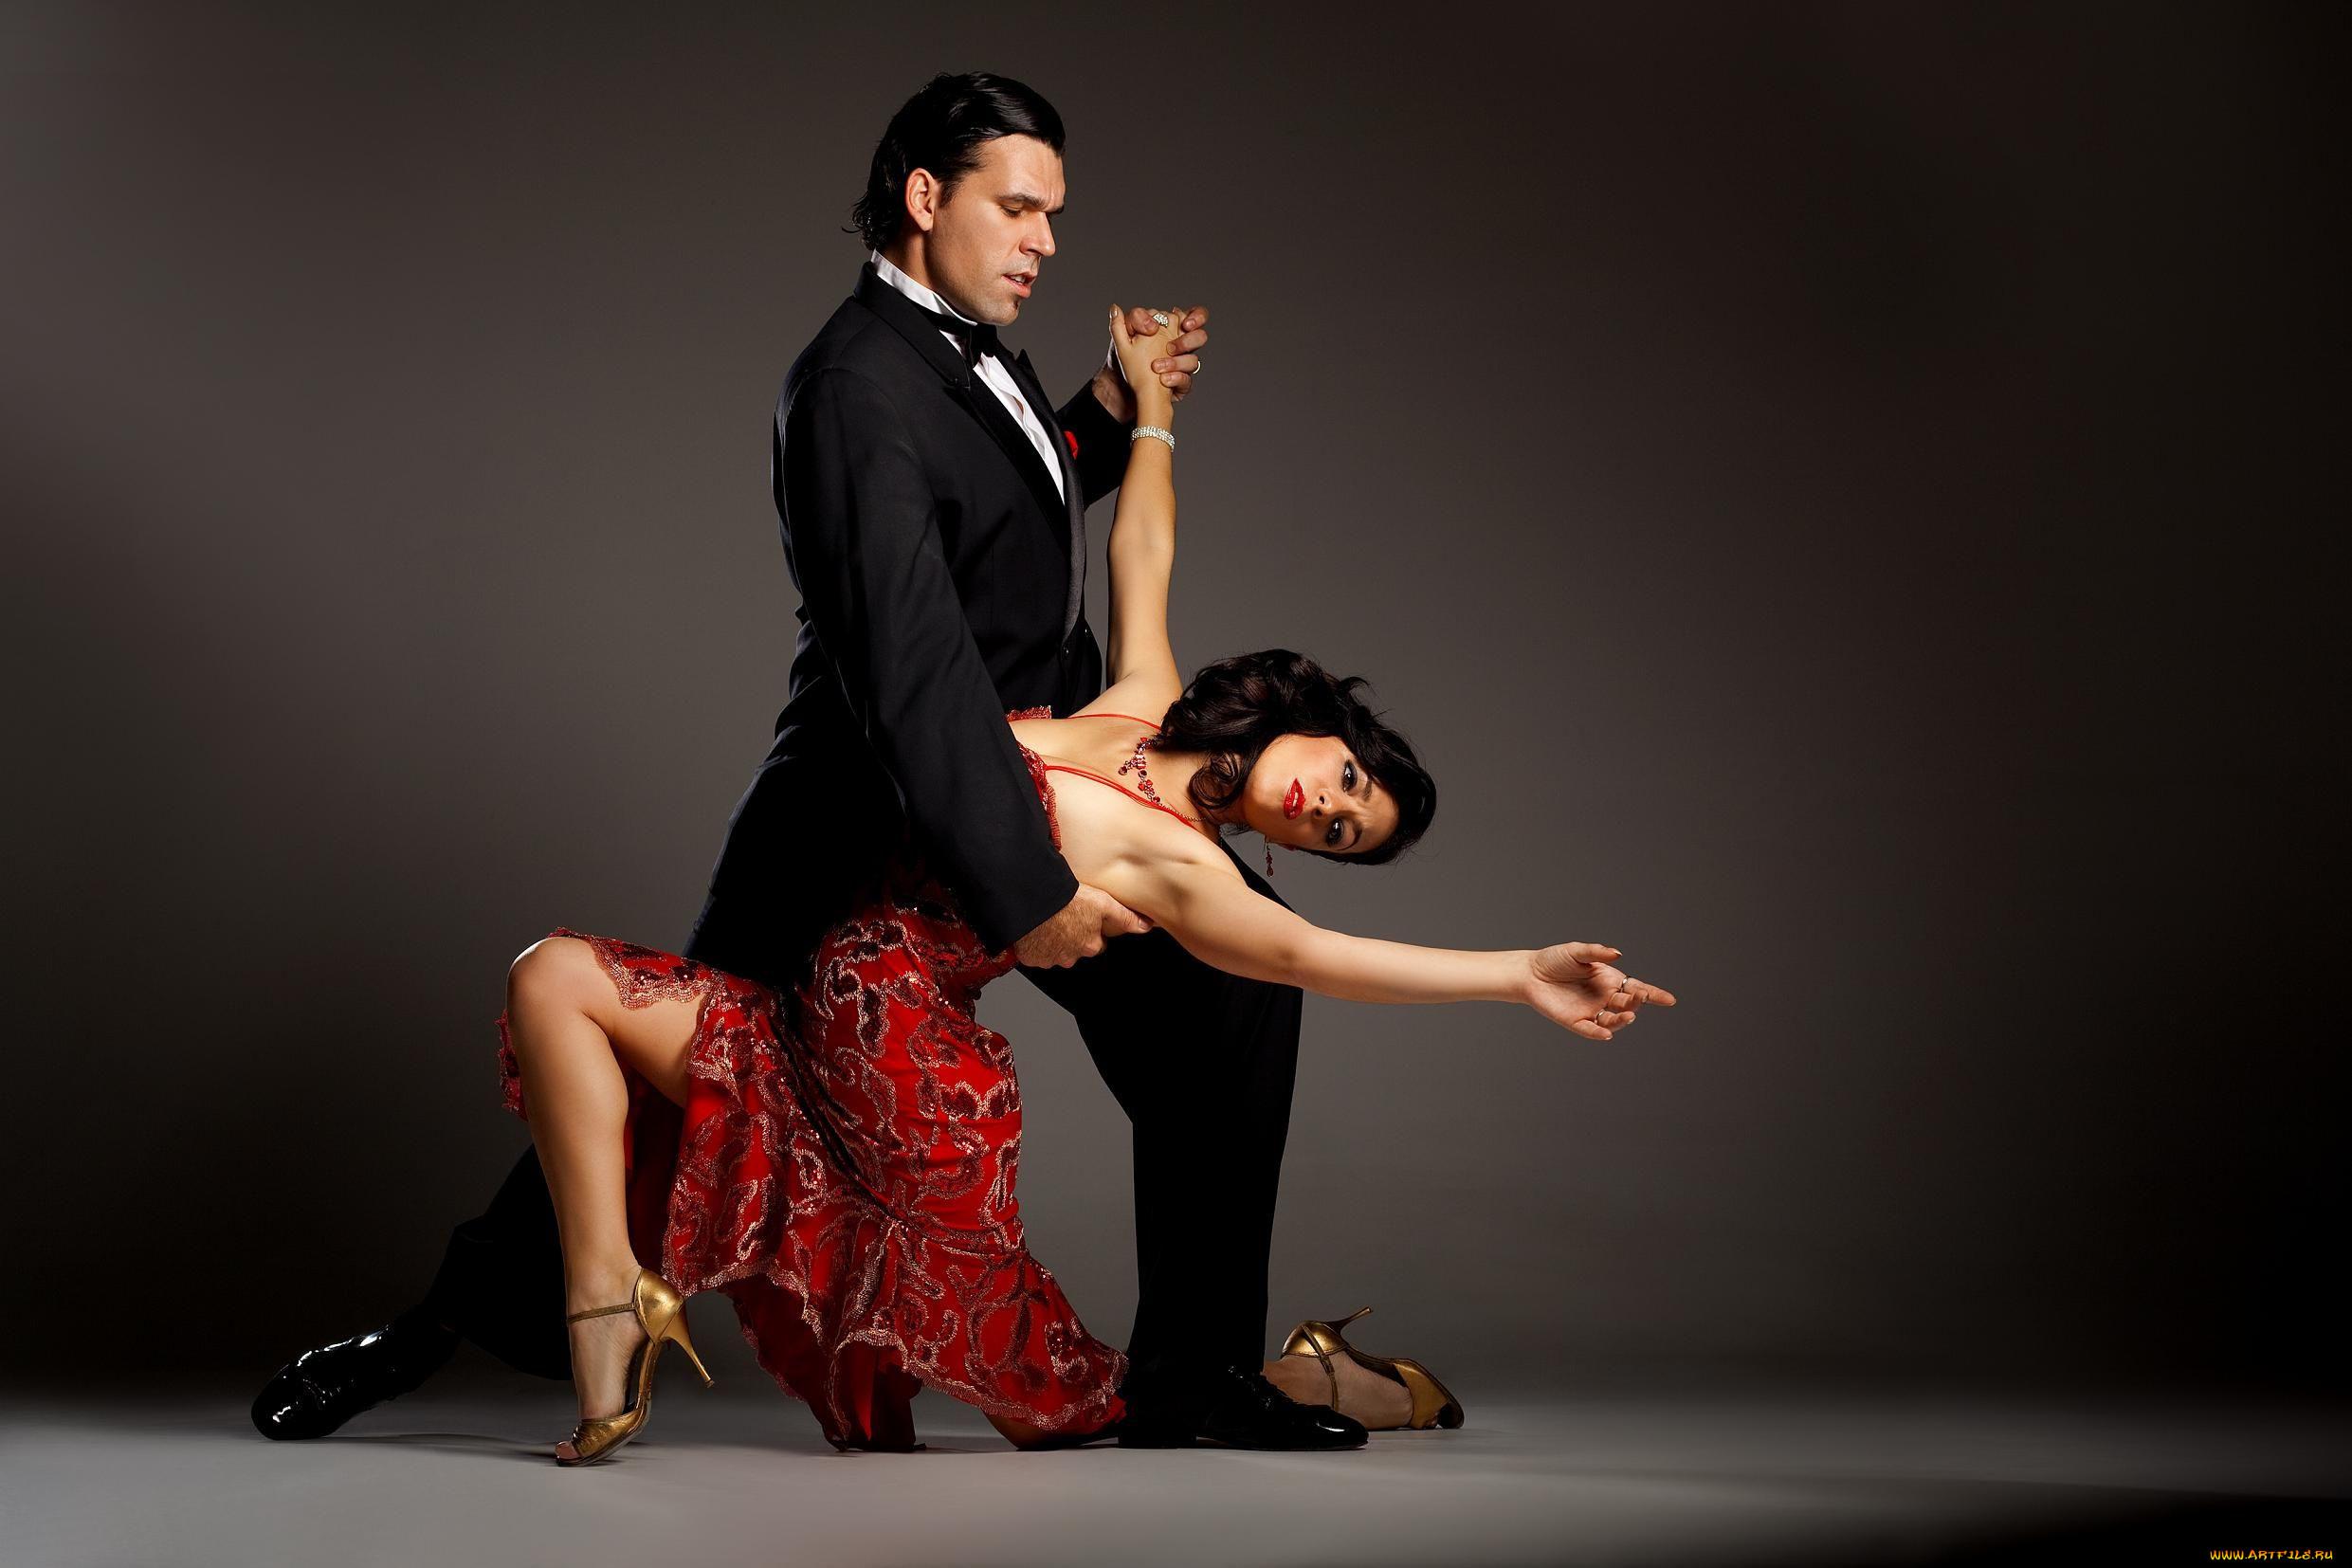 картинки жизнь как танец это открытая или